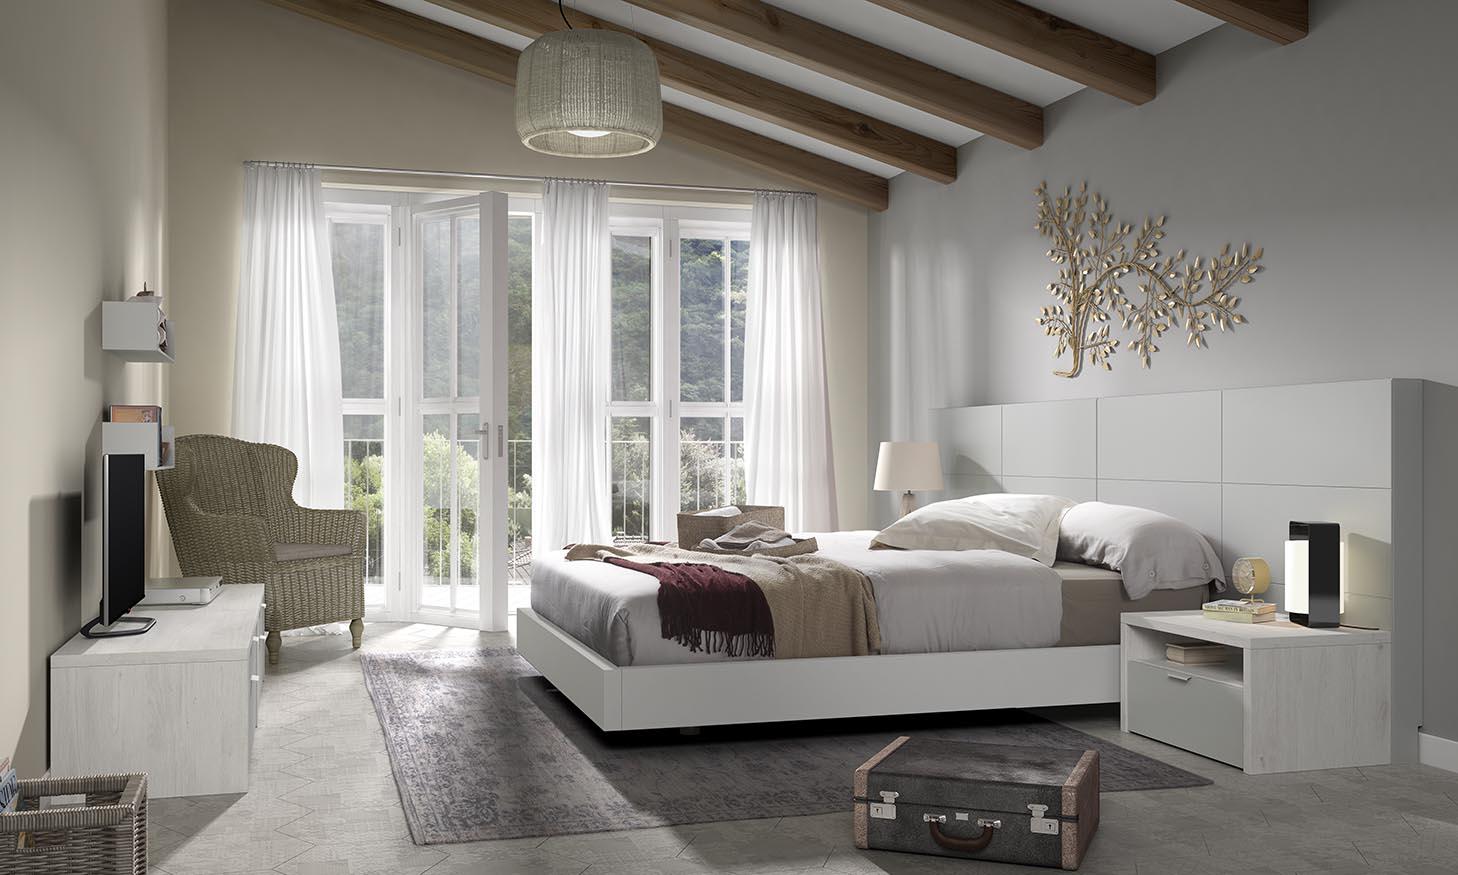 Dormitorios Nuit: Descansa con estilo